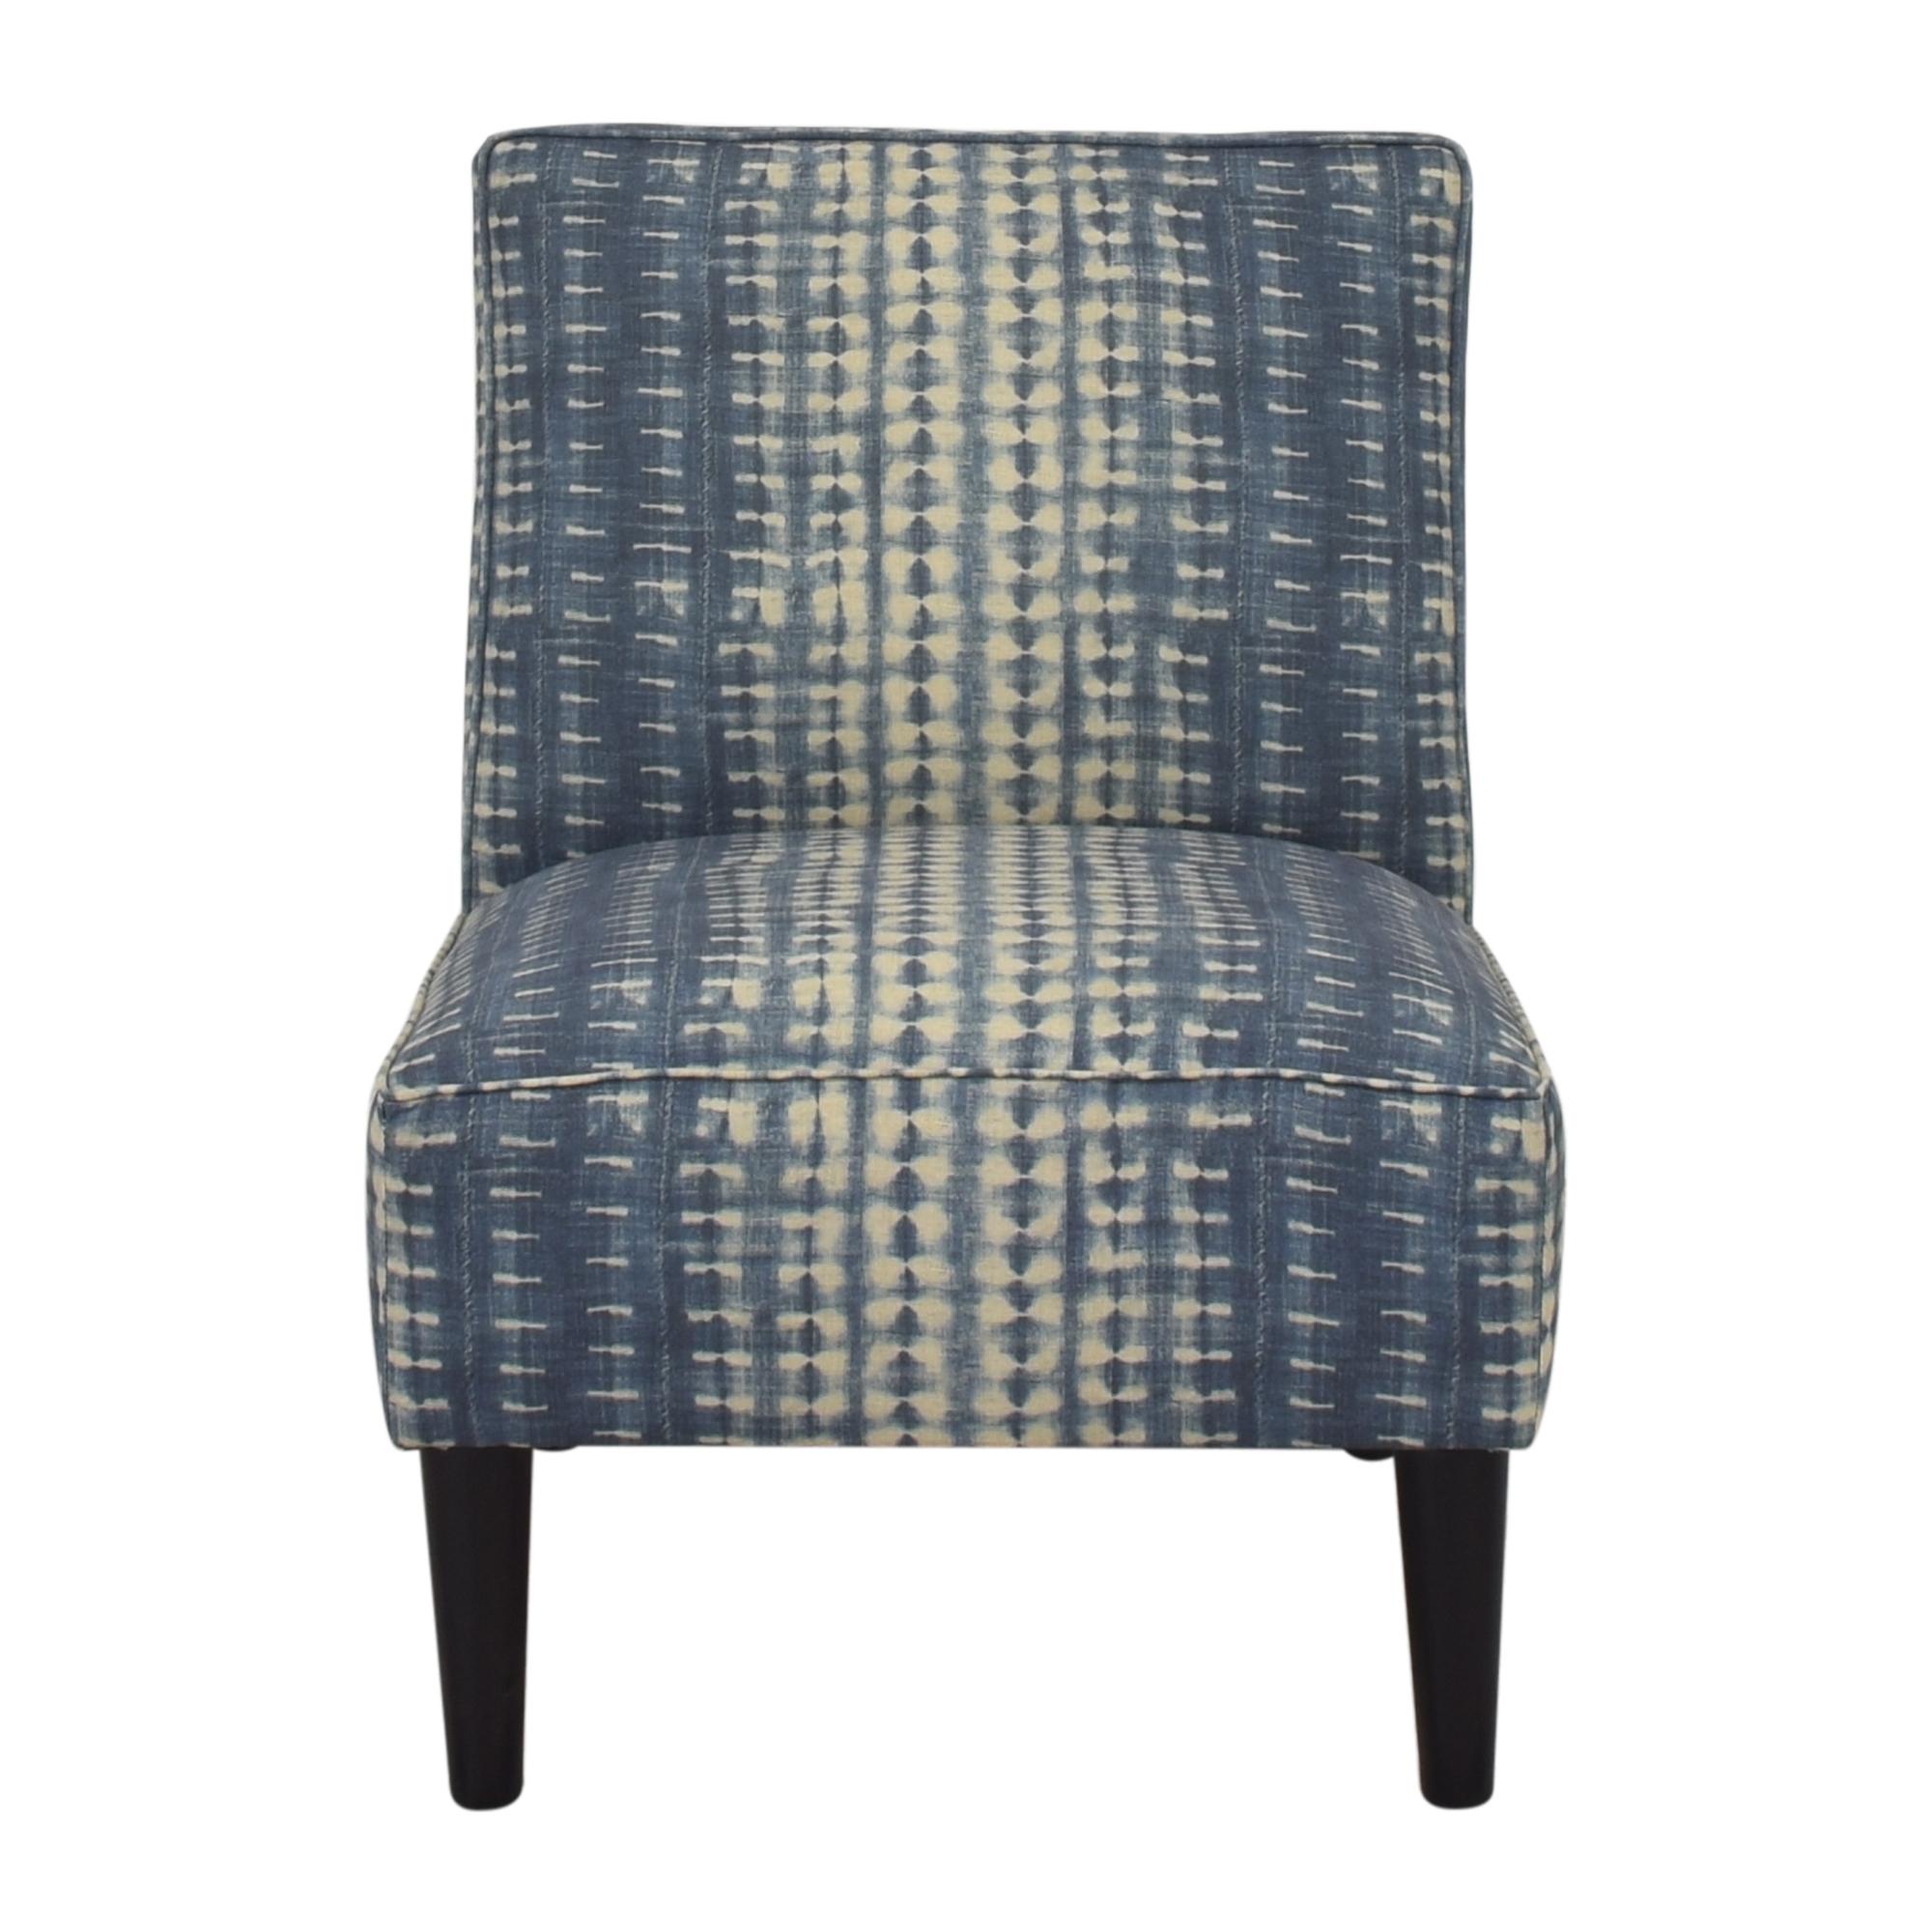 The Inside The Inside Slipper Chair blue